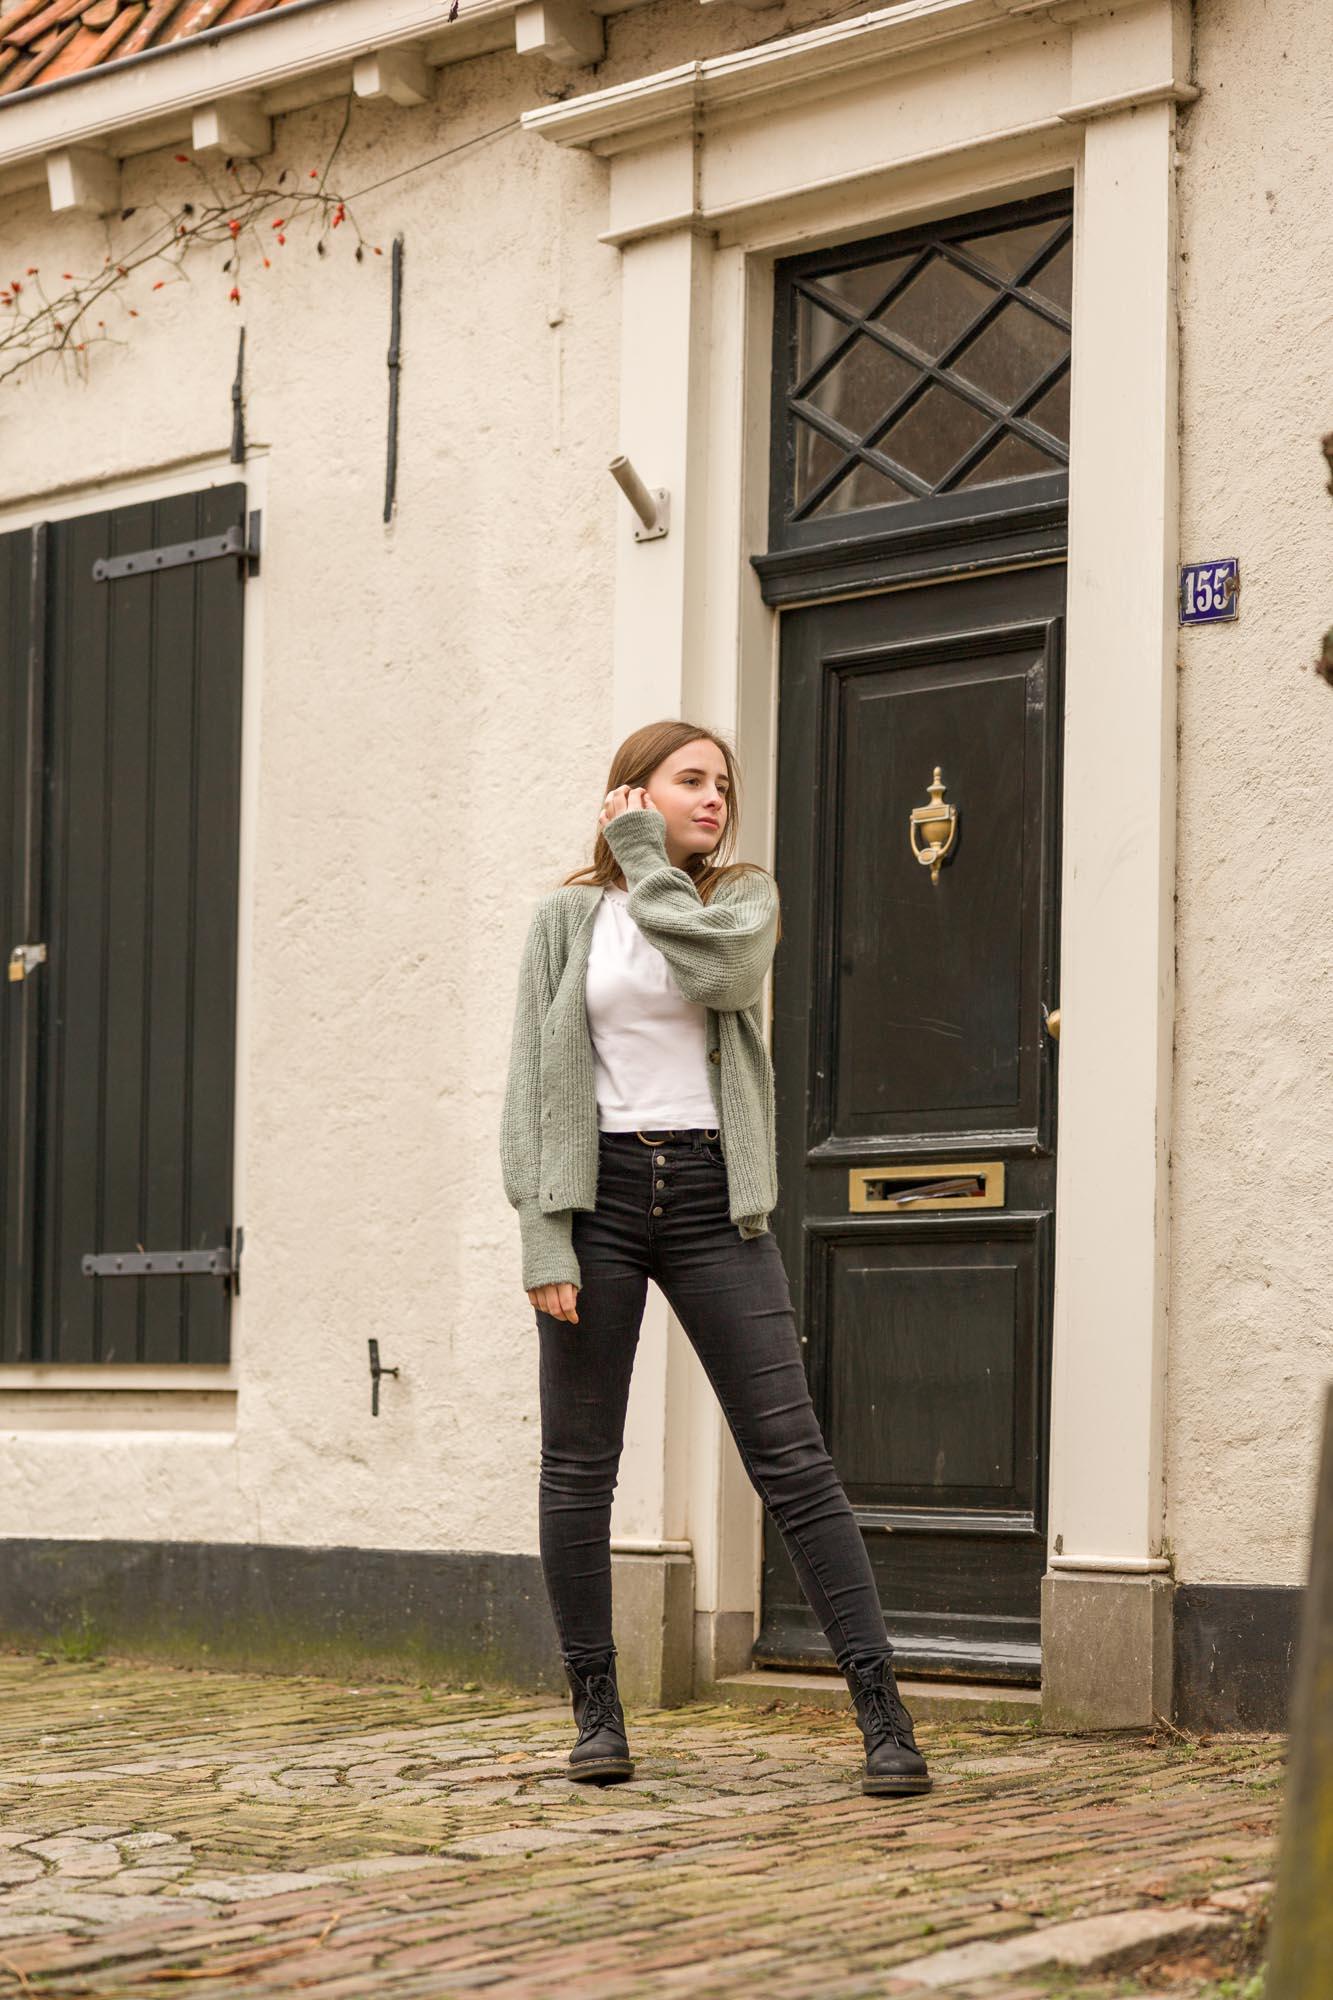 Tiener portretfotograaf in Amersfoort. Tienerportret door Mayra Fotografie.